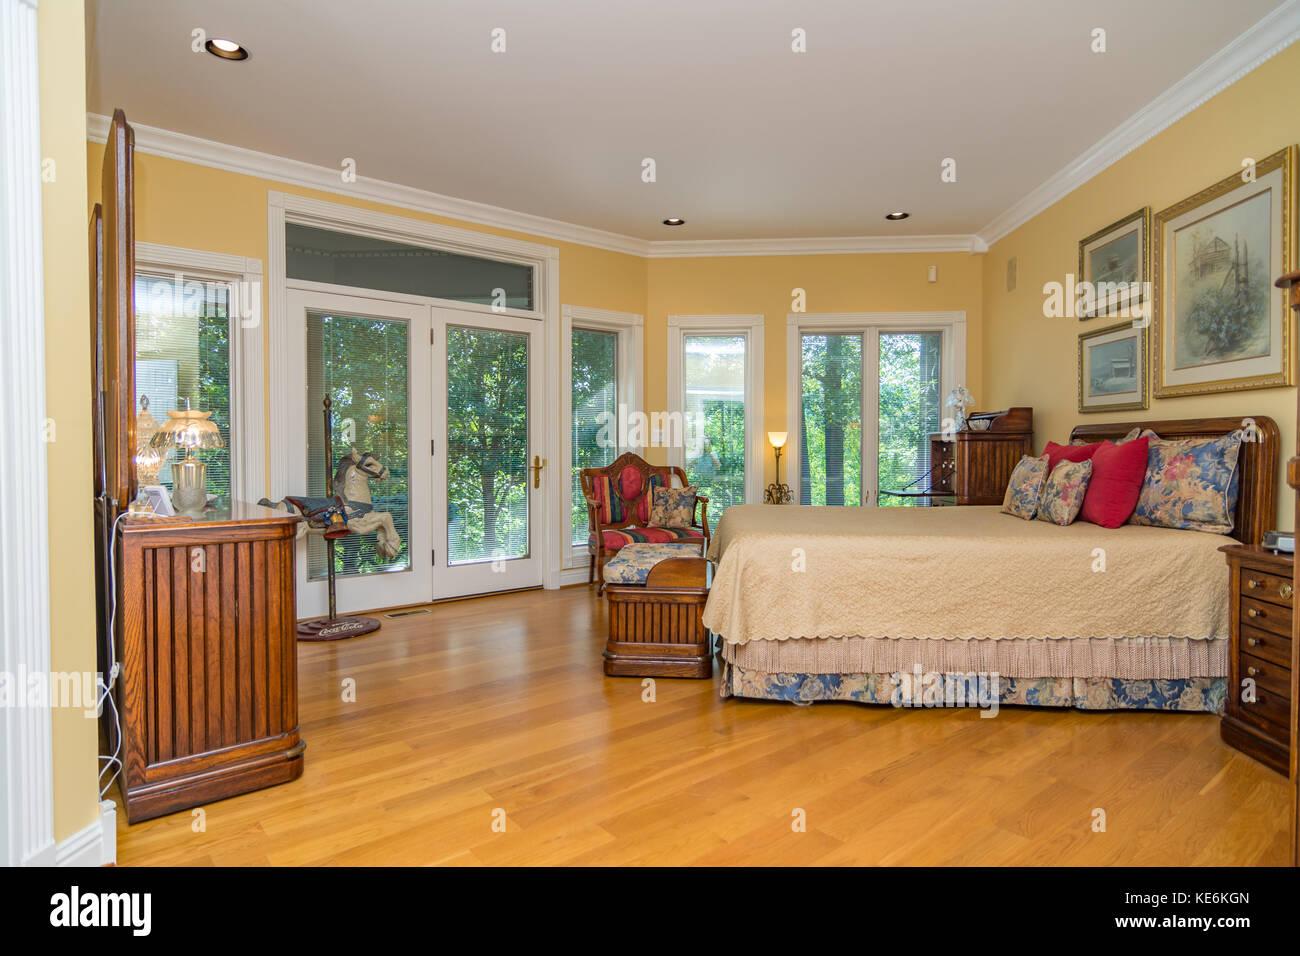 Chambre intérieur de classe moyenne maison américaine au Kentucky ...